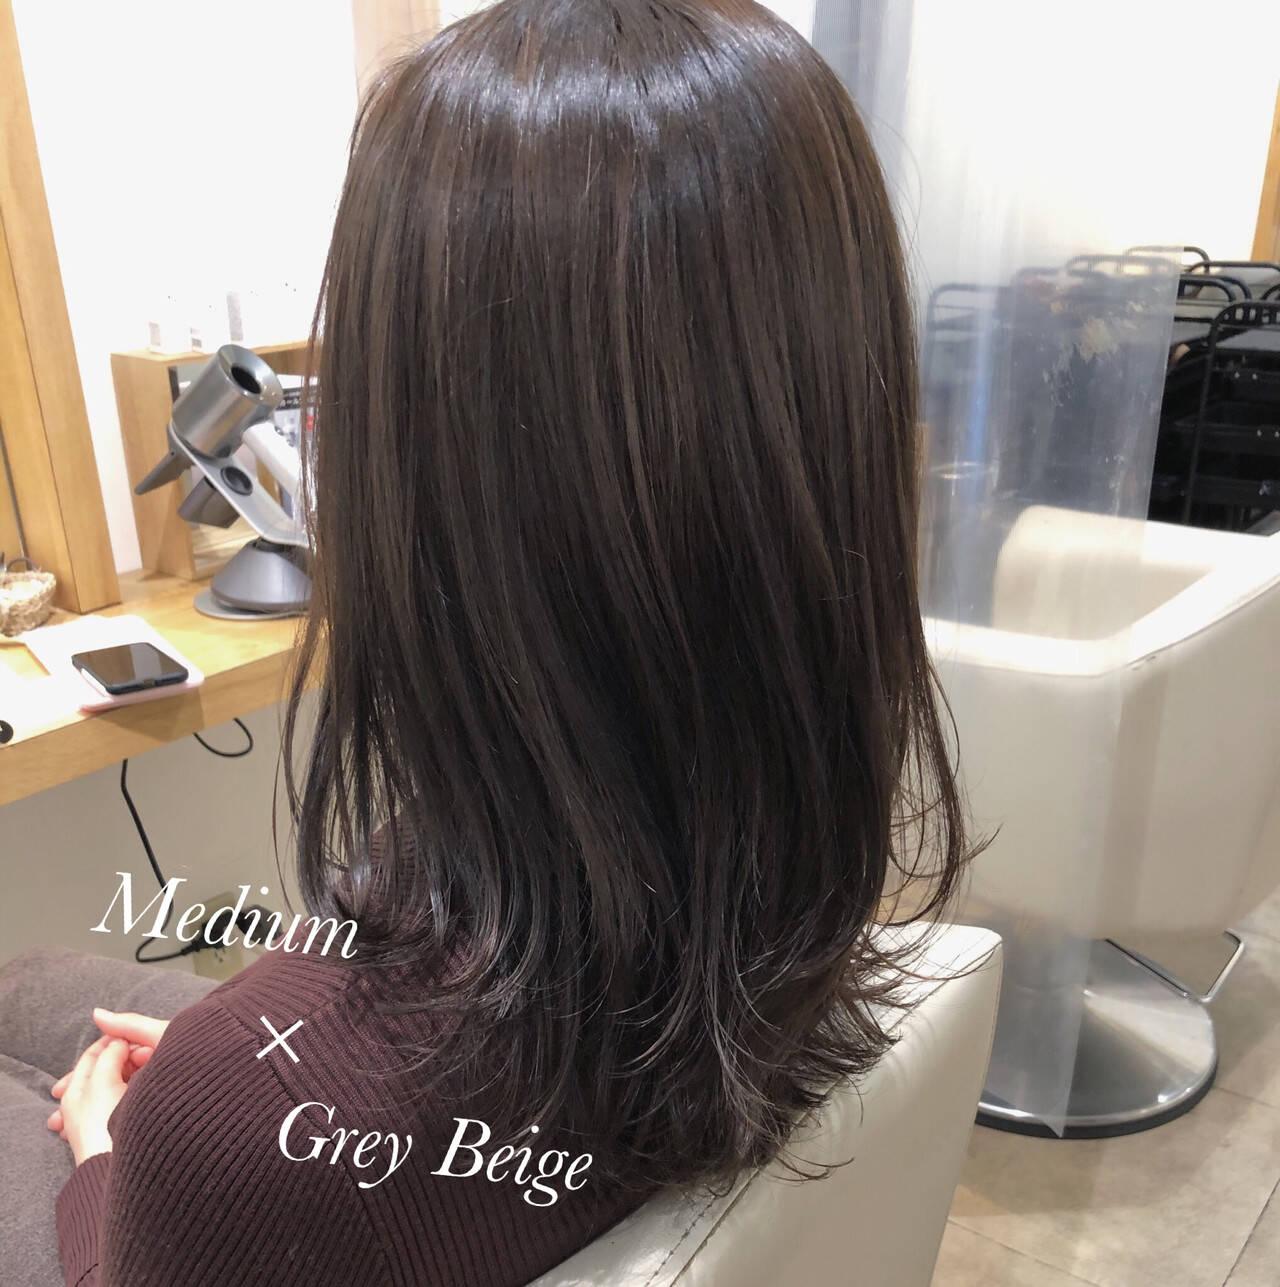 透け感アッシュ グレージュ 圧倒的透明感 ミディアムヘアスタイルや髪型の写真・画像